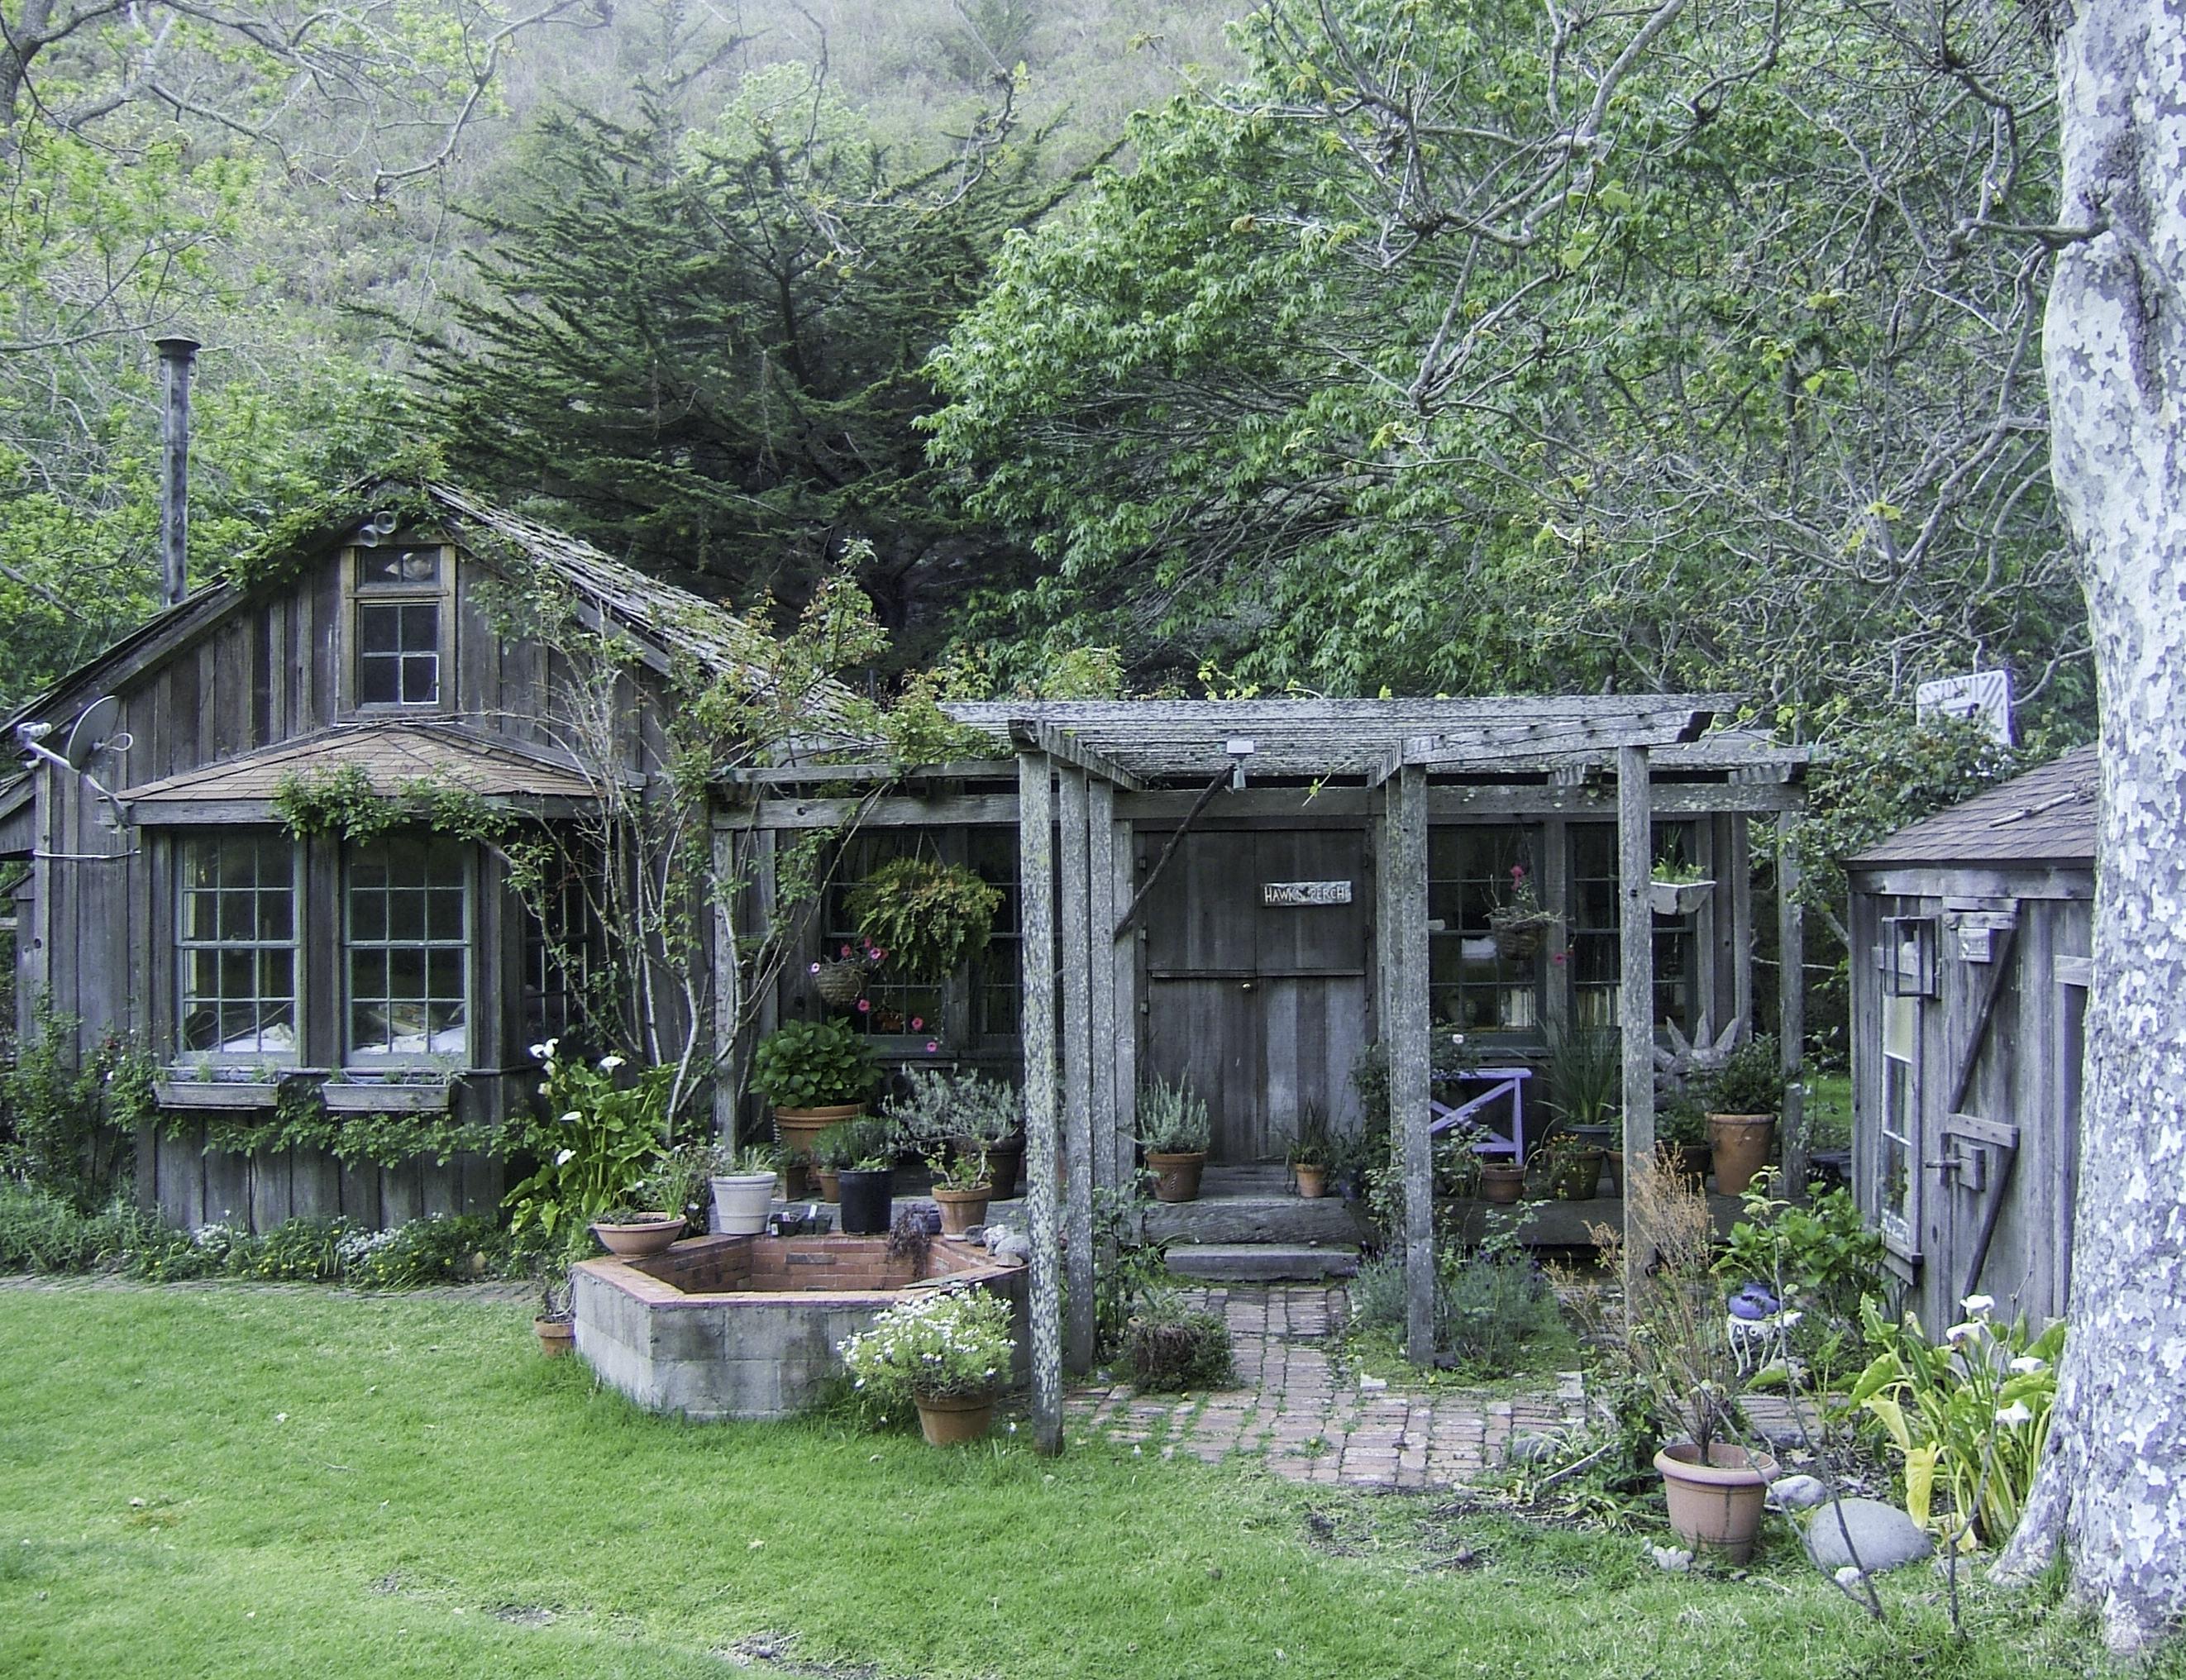 Al Jardines Hus i United States